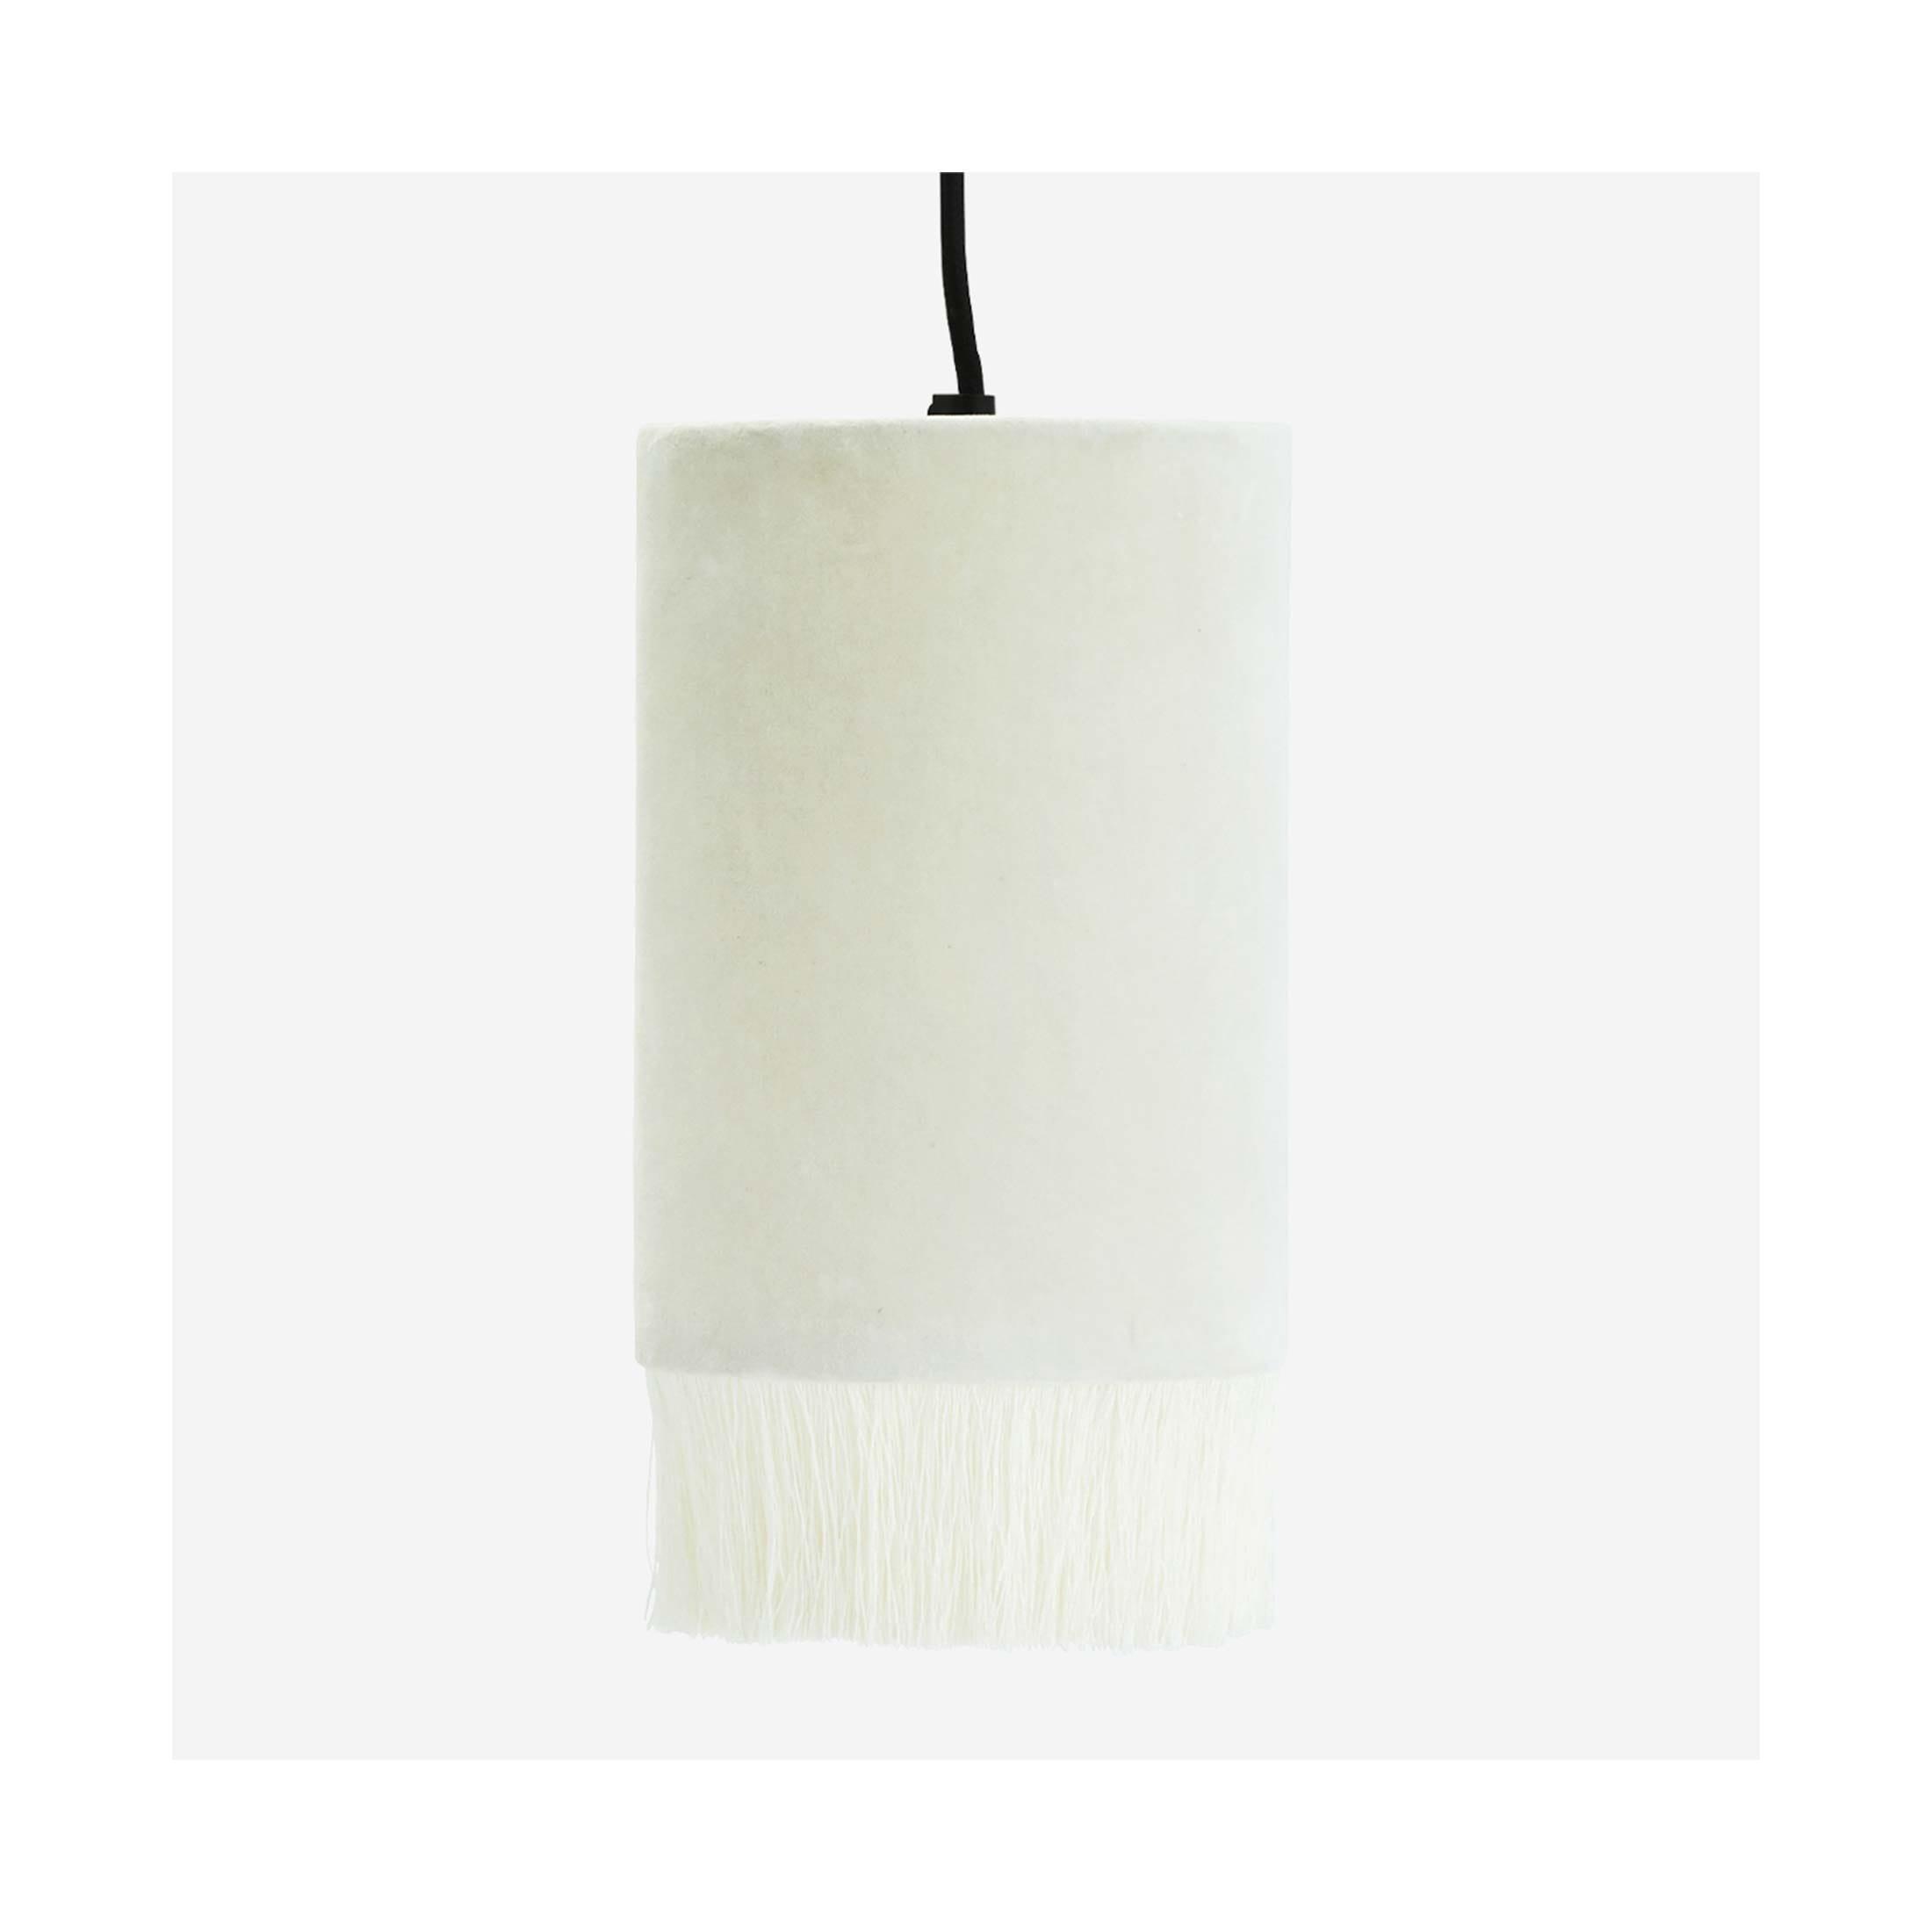 Full Size of Deckenleuchte Skandinavisch Bambus Lampe Samt Weiss Skandinavische Hngelampe Online Kaufen Bad Wohnzimmer Deckenleuchten Küche Led Schlafzimmer Bett Wohnzimmer Deckenleuchte Skandinavisch